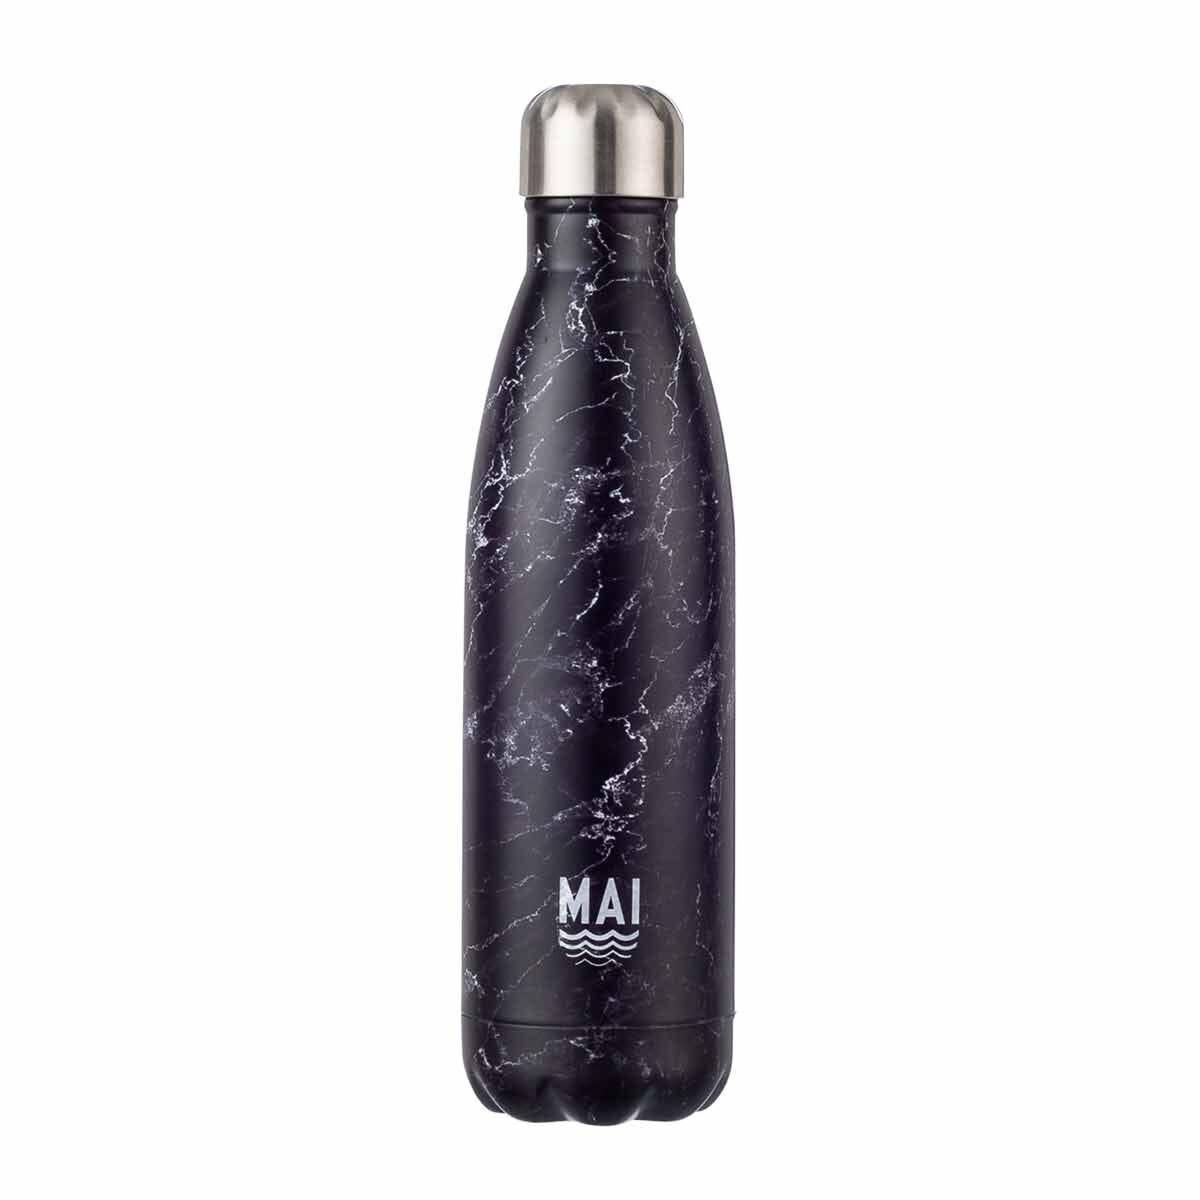 Mai Sport Stainless Steel Bottle Marble 500ml Black Marble